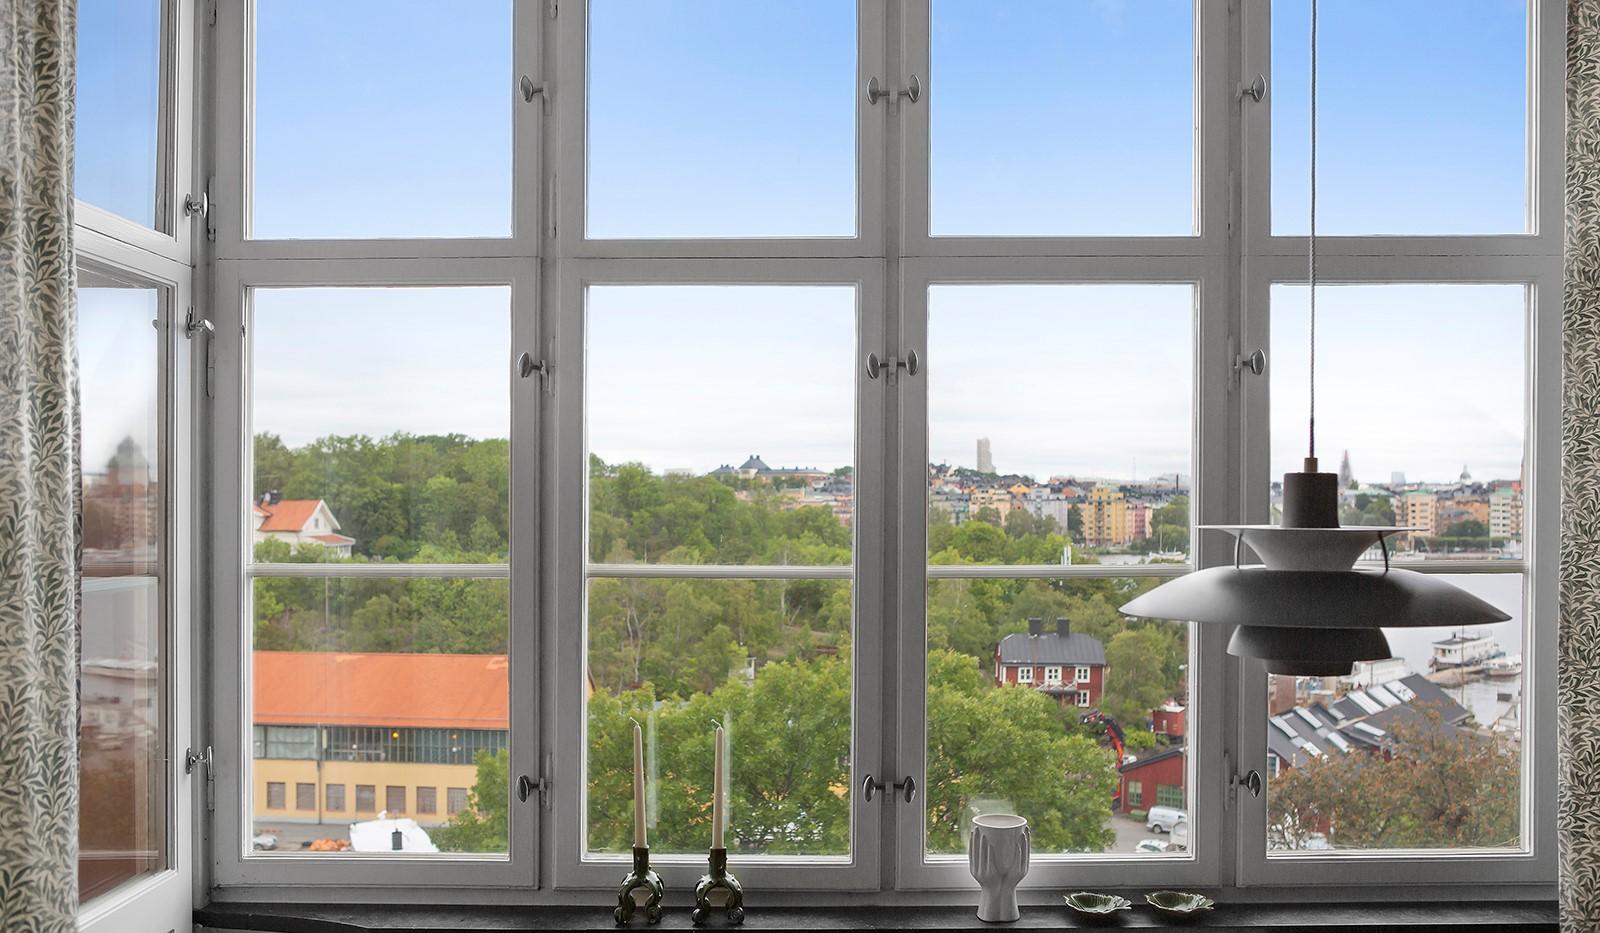 Heleneborgsgatan 20 - Stort fönsterparti med fint ljusinsläpp